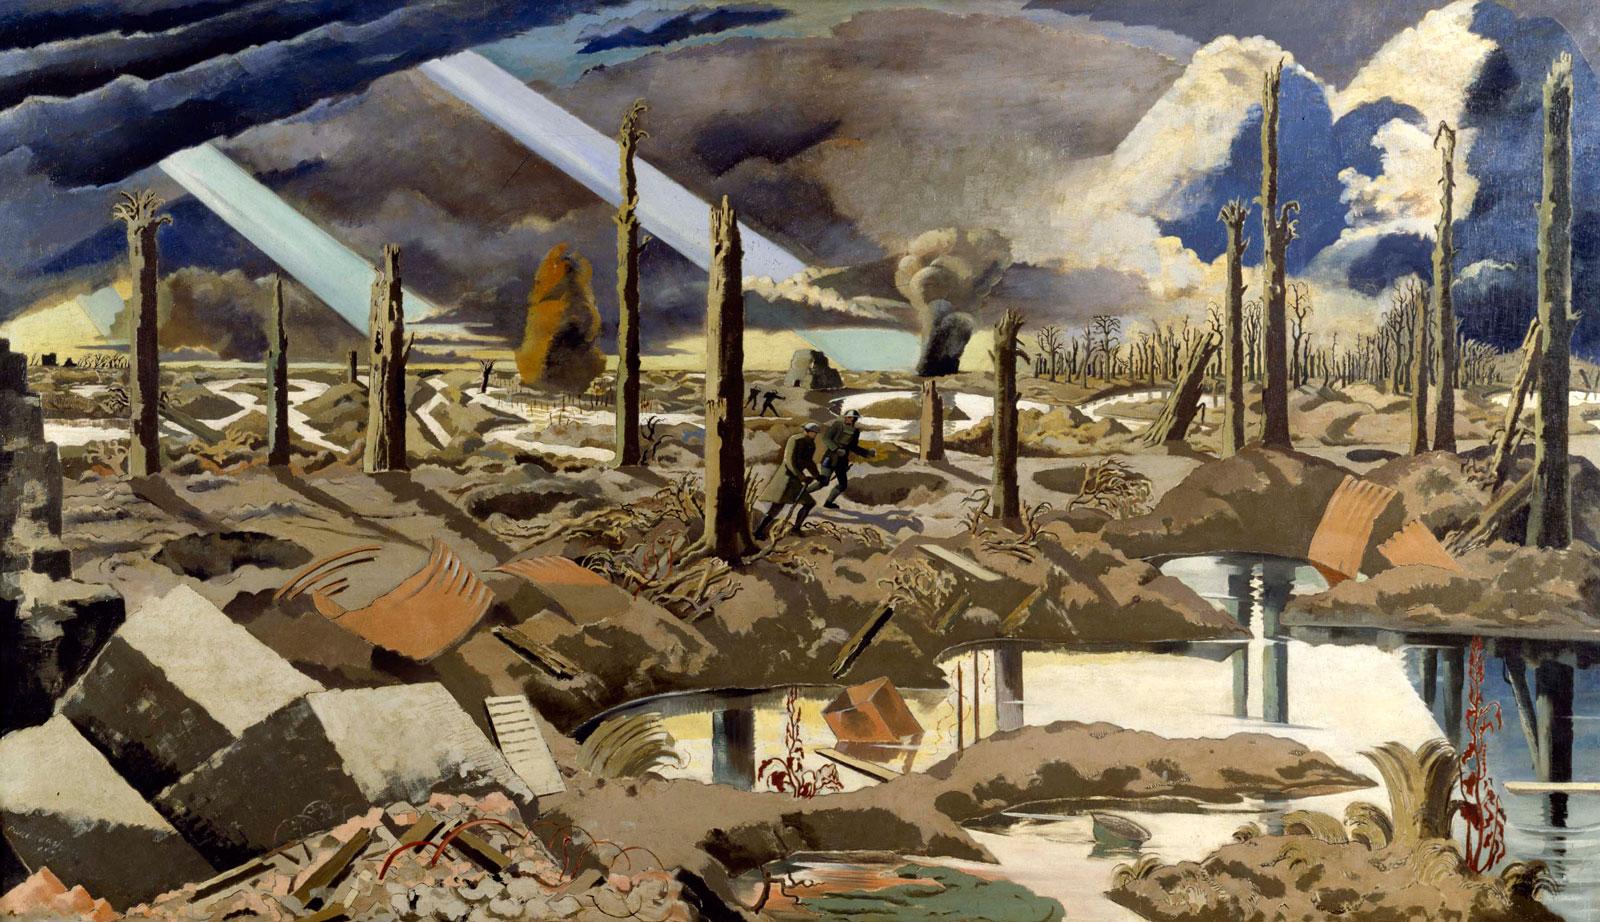 Paul Nash: The Menin Road, 1919